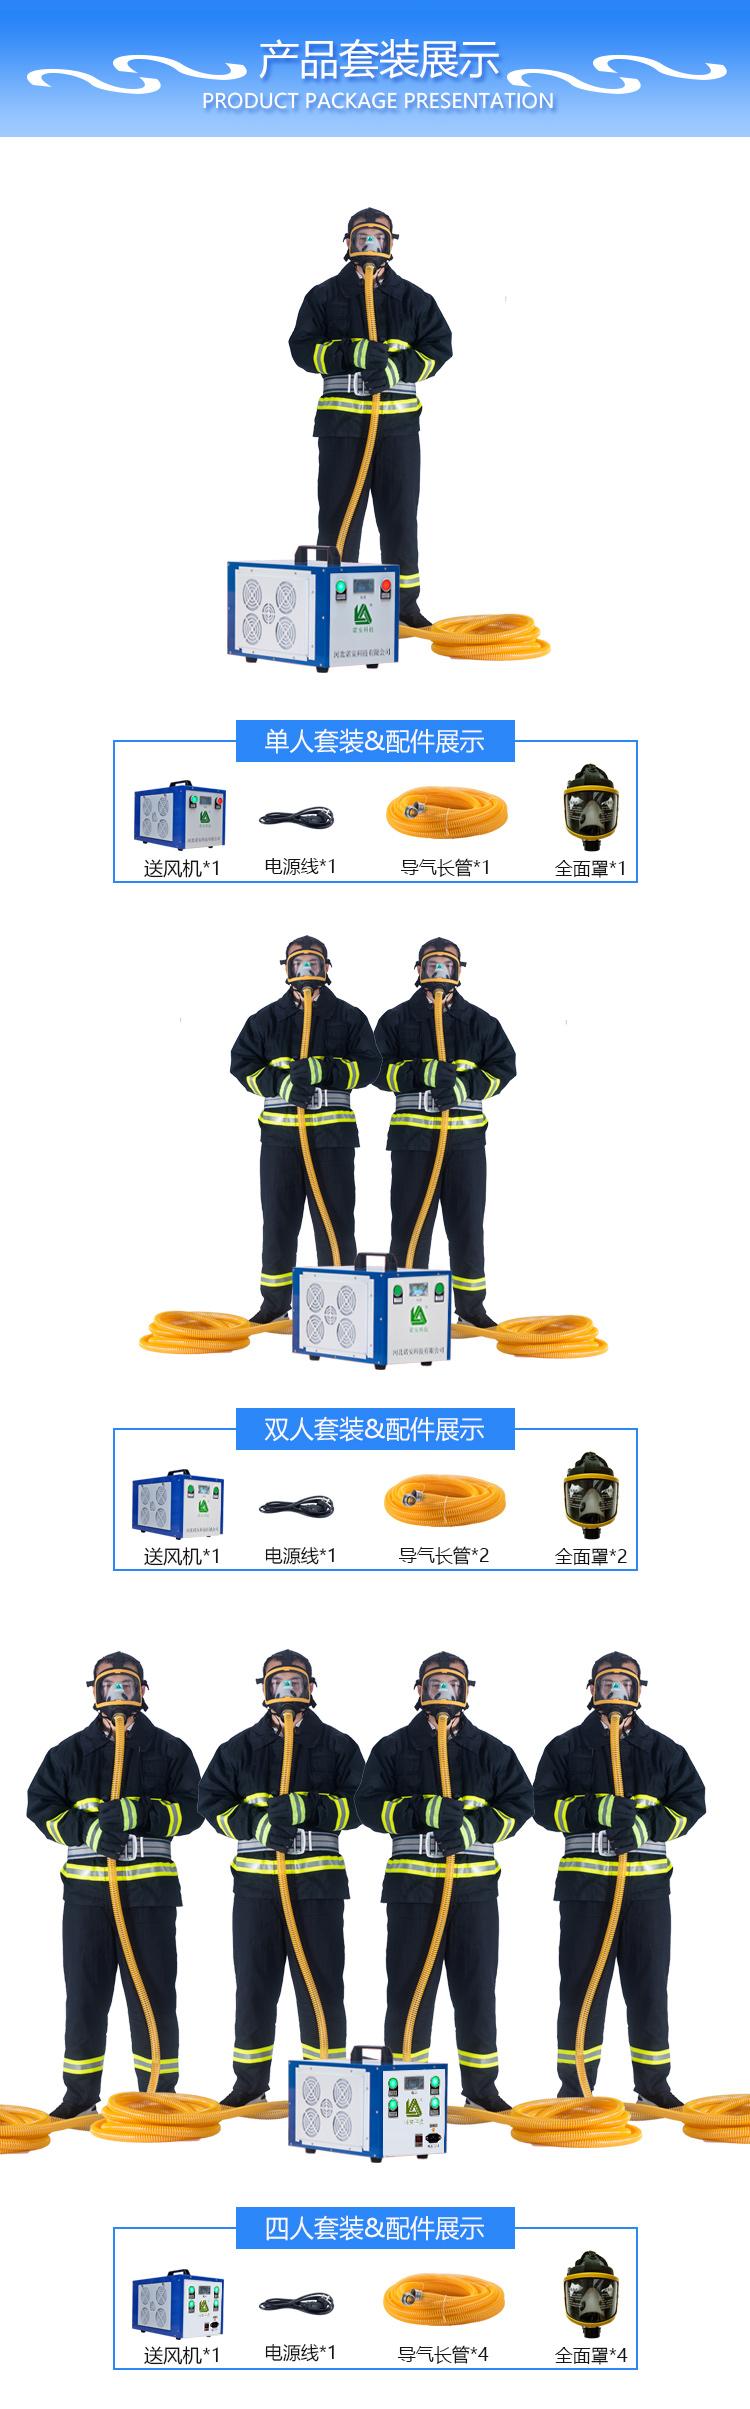 四人长管式呼吸器_06.jpg